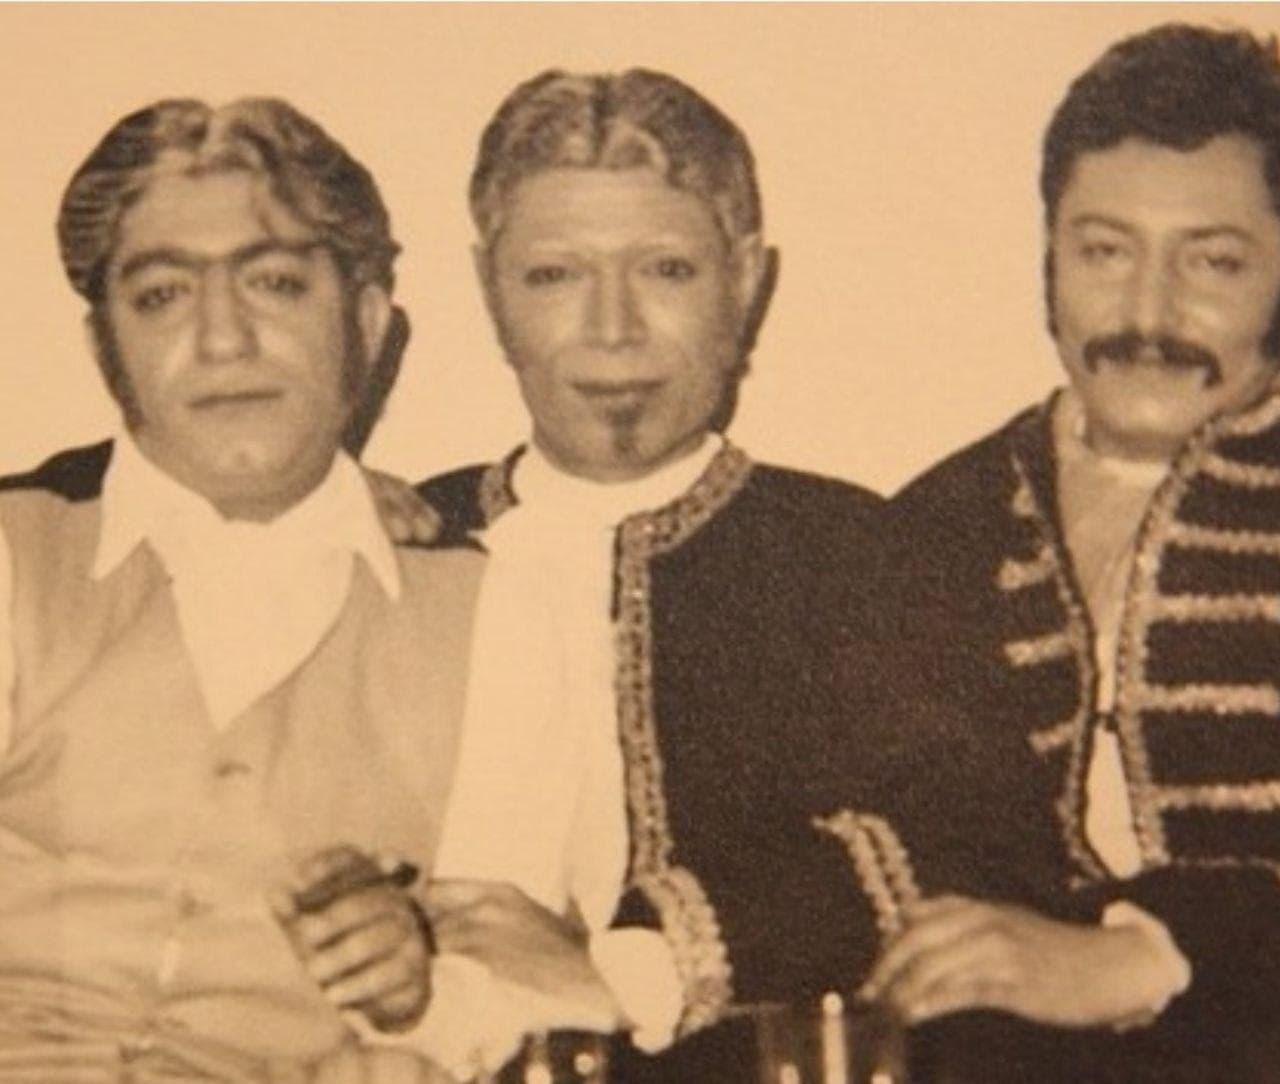 جمشید مشایخی، علی نصیریان و عزت الله انتظامی